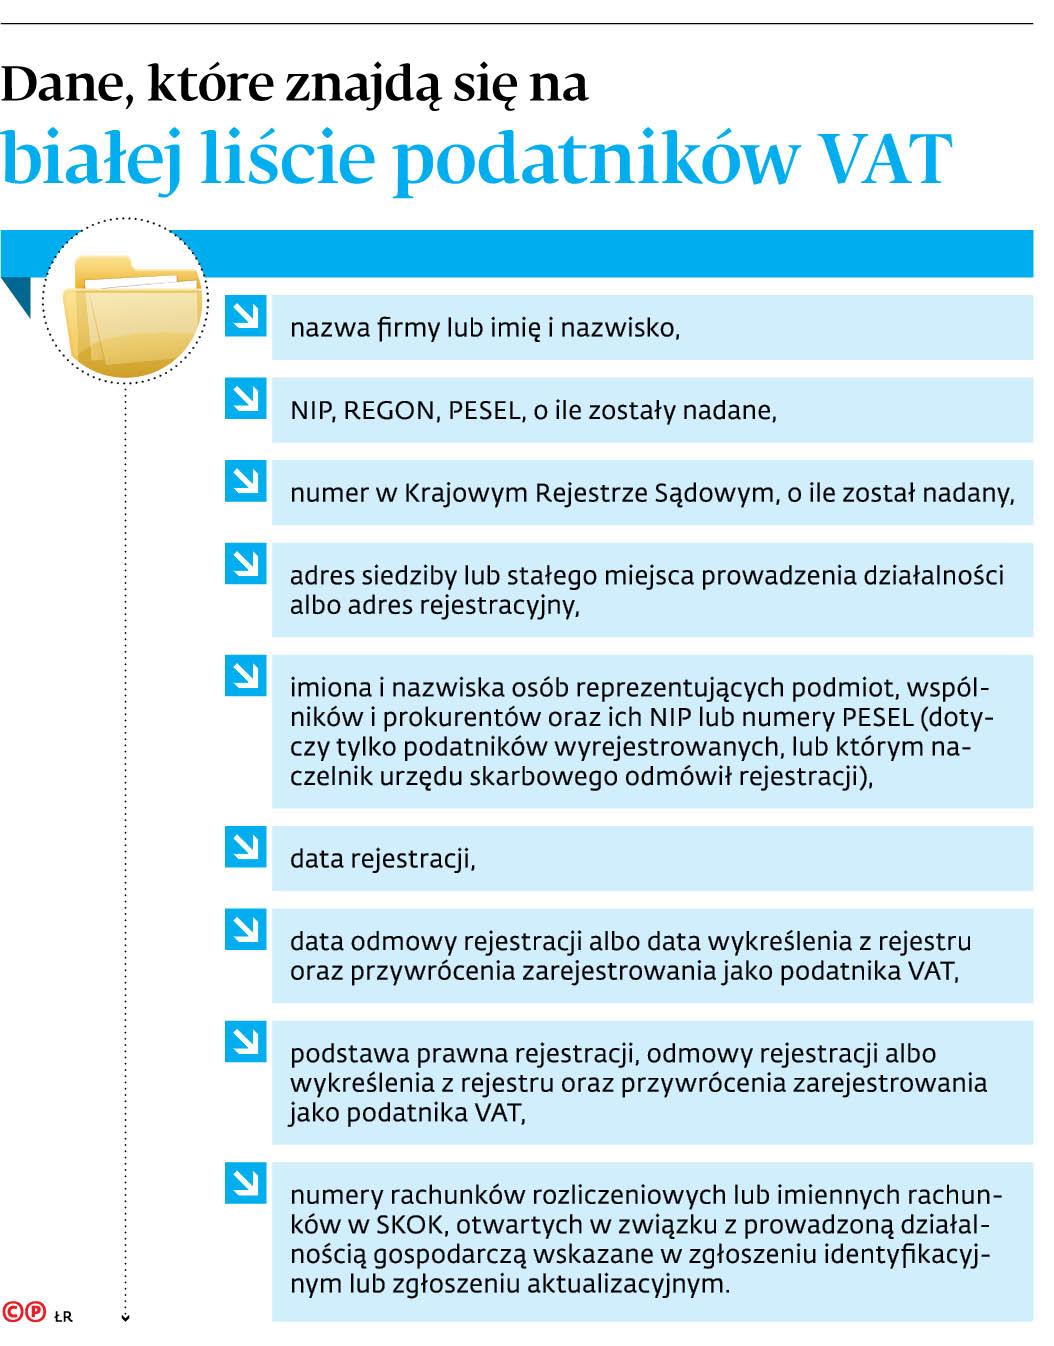 Dane, które znajdą się na białej liście podatników VAT